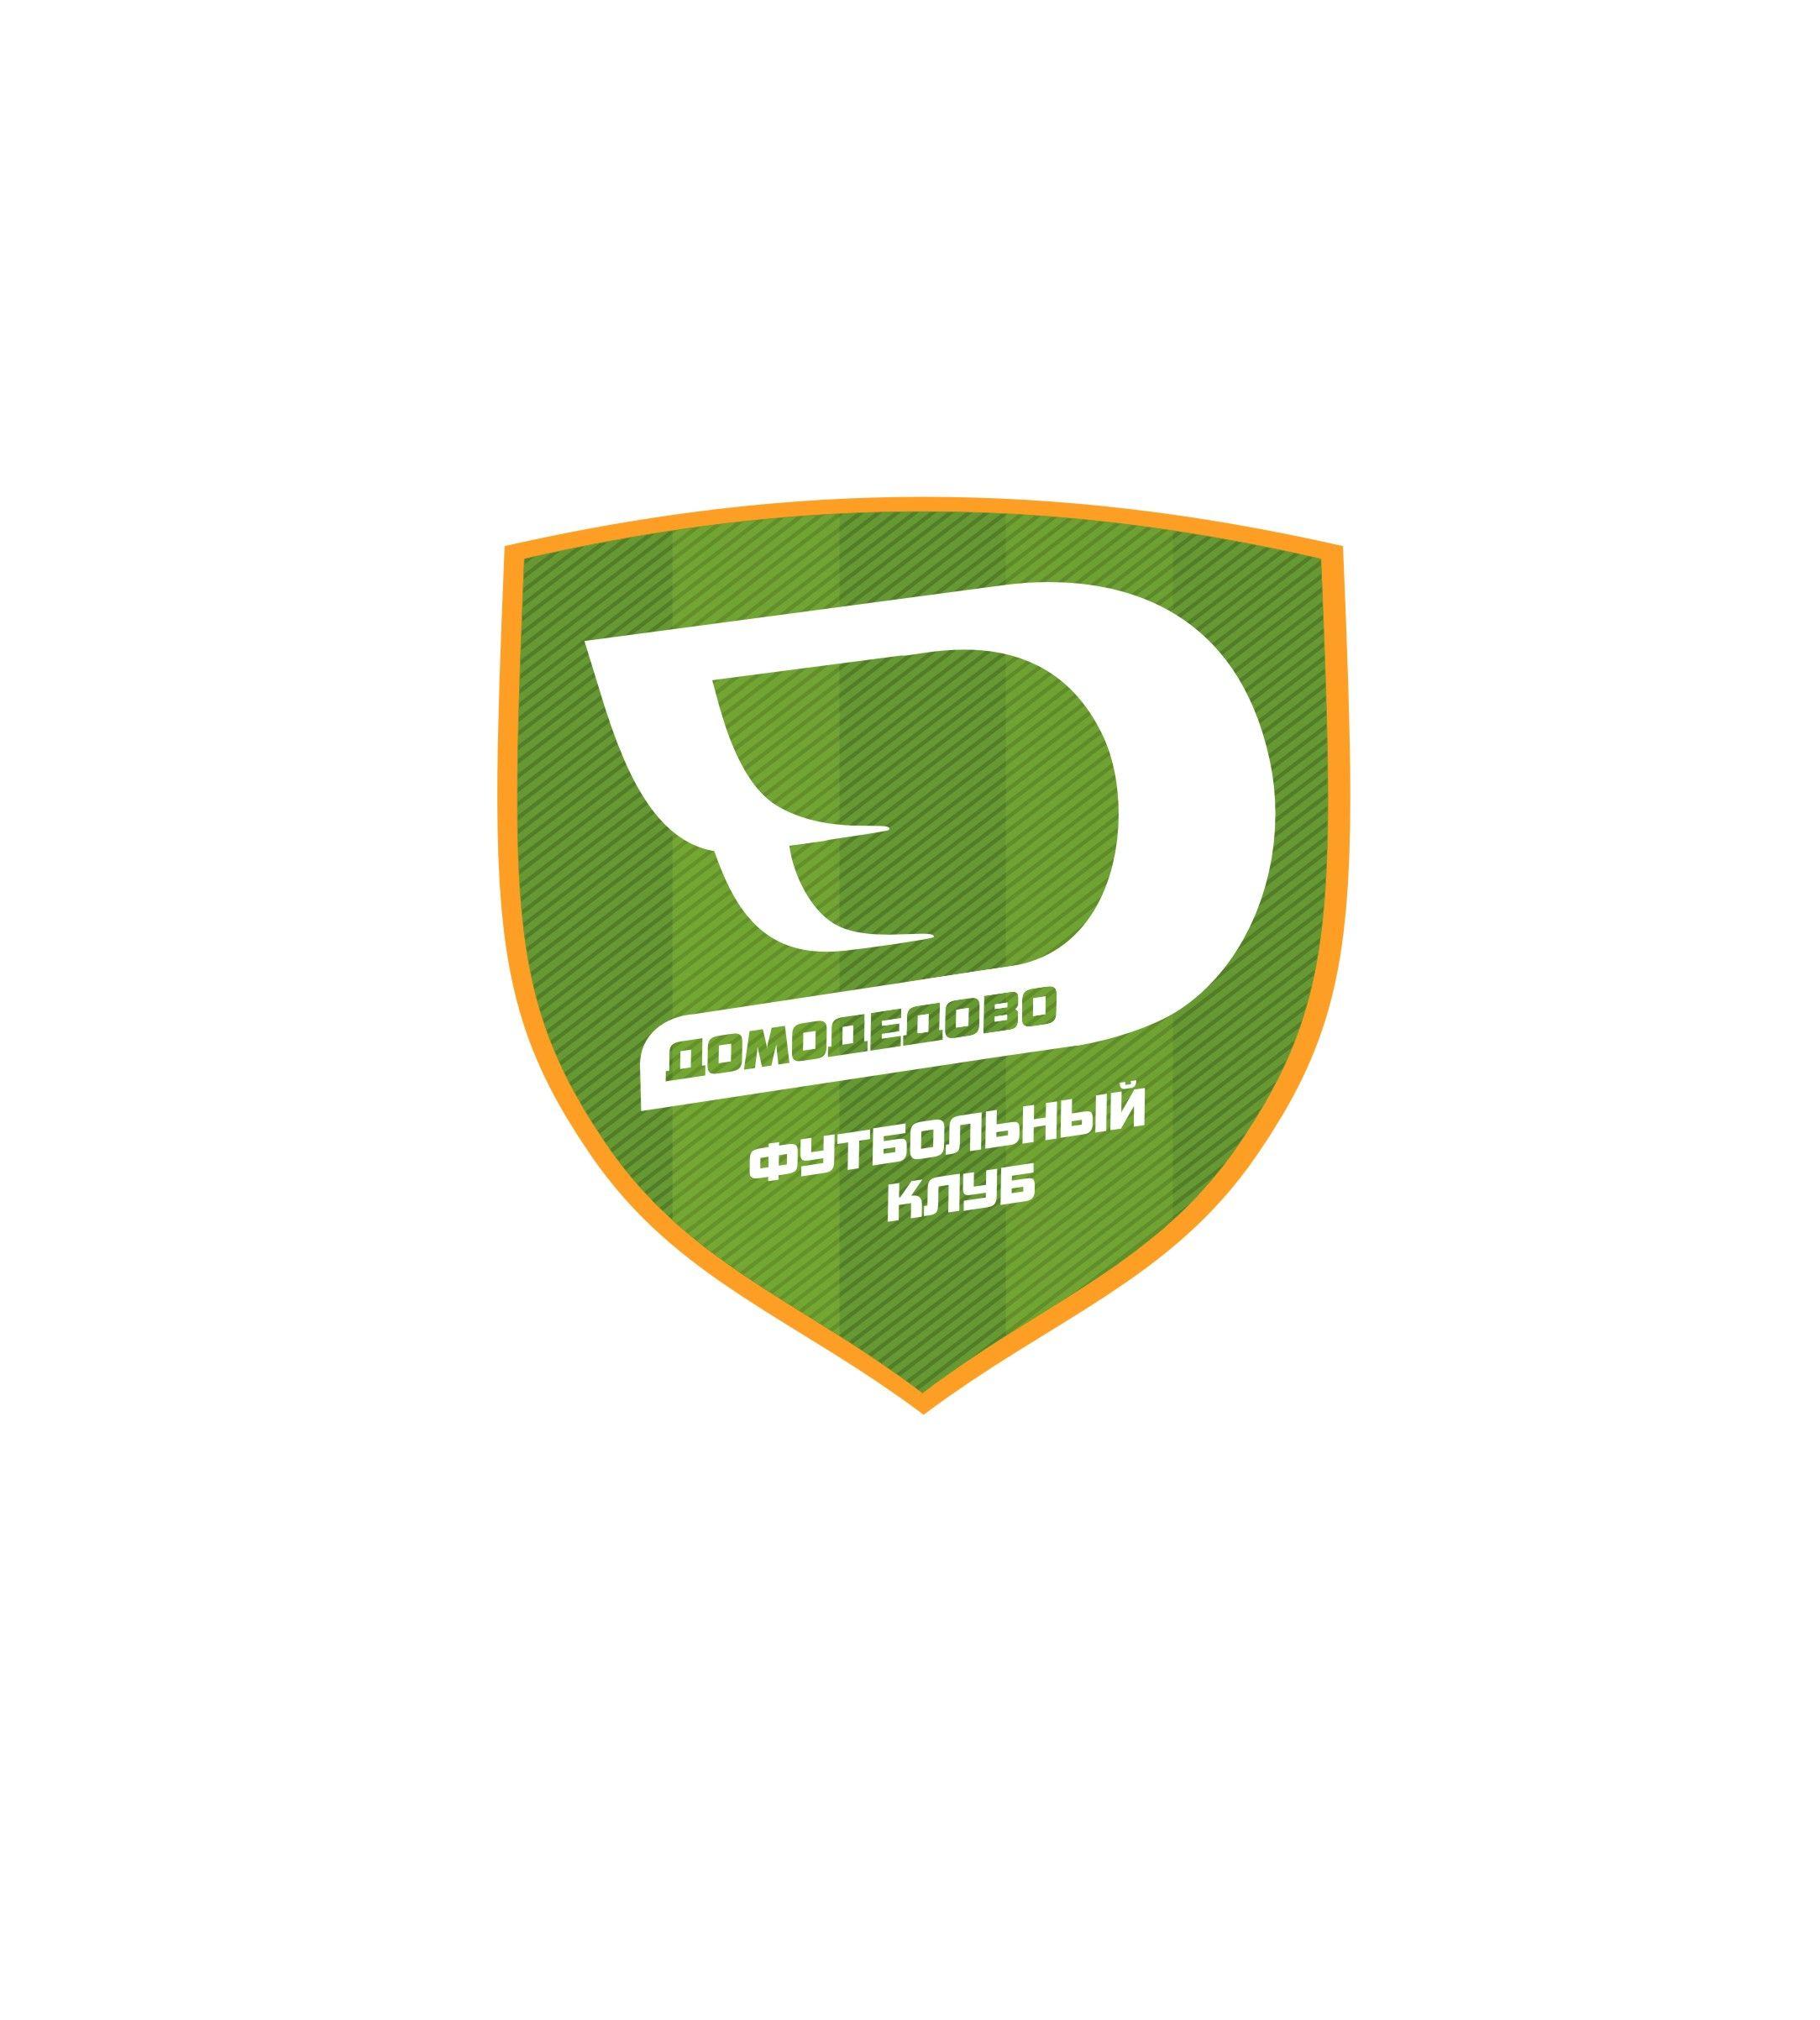 Логотип (Эмблема) для нового Футбольного клуба - дизайнер nutatal